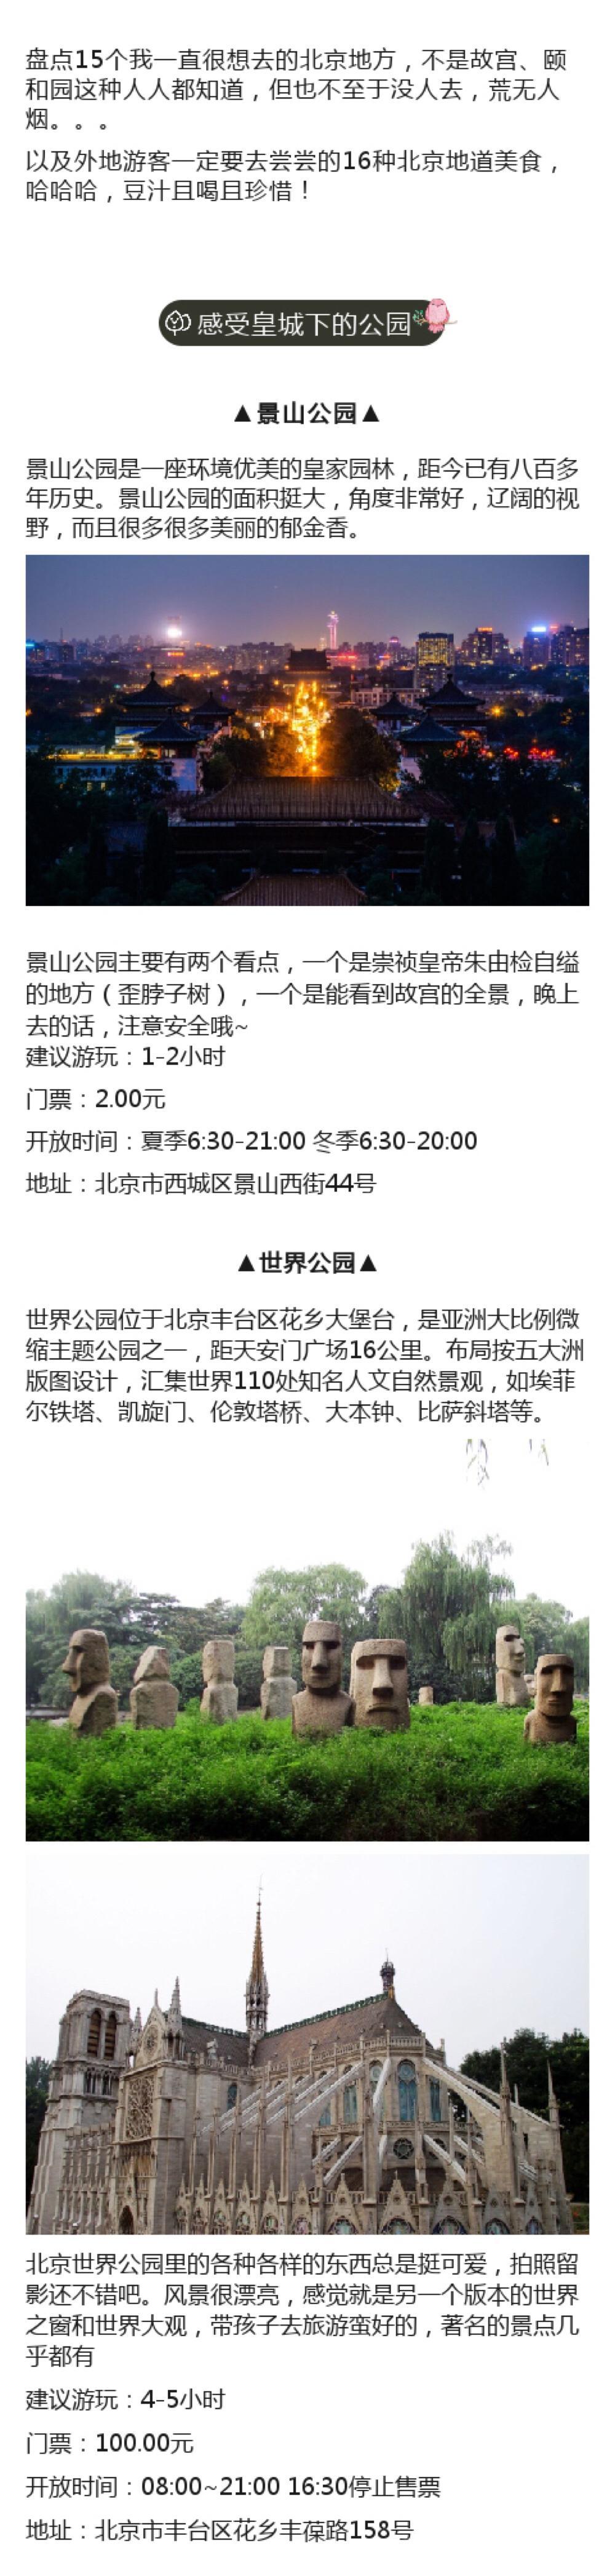 这是一份小众的北京旅游攻略,也许没有故宫和长城这样的著名景点